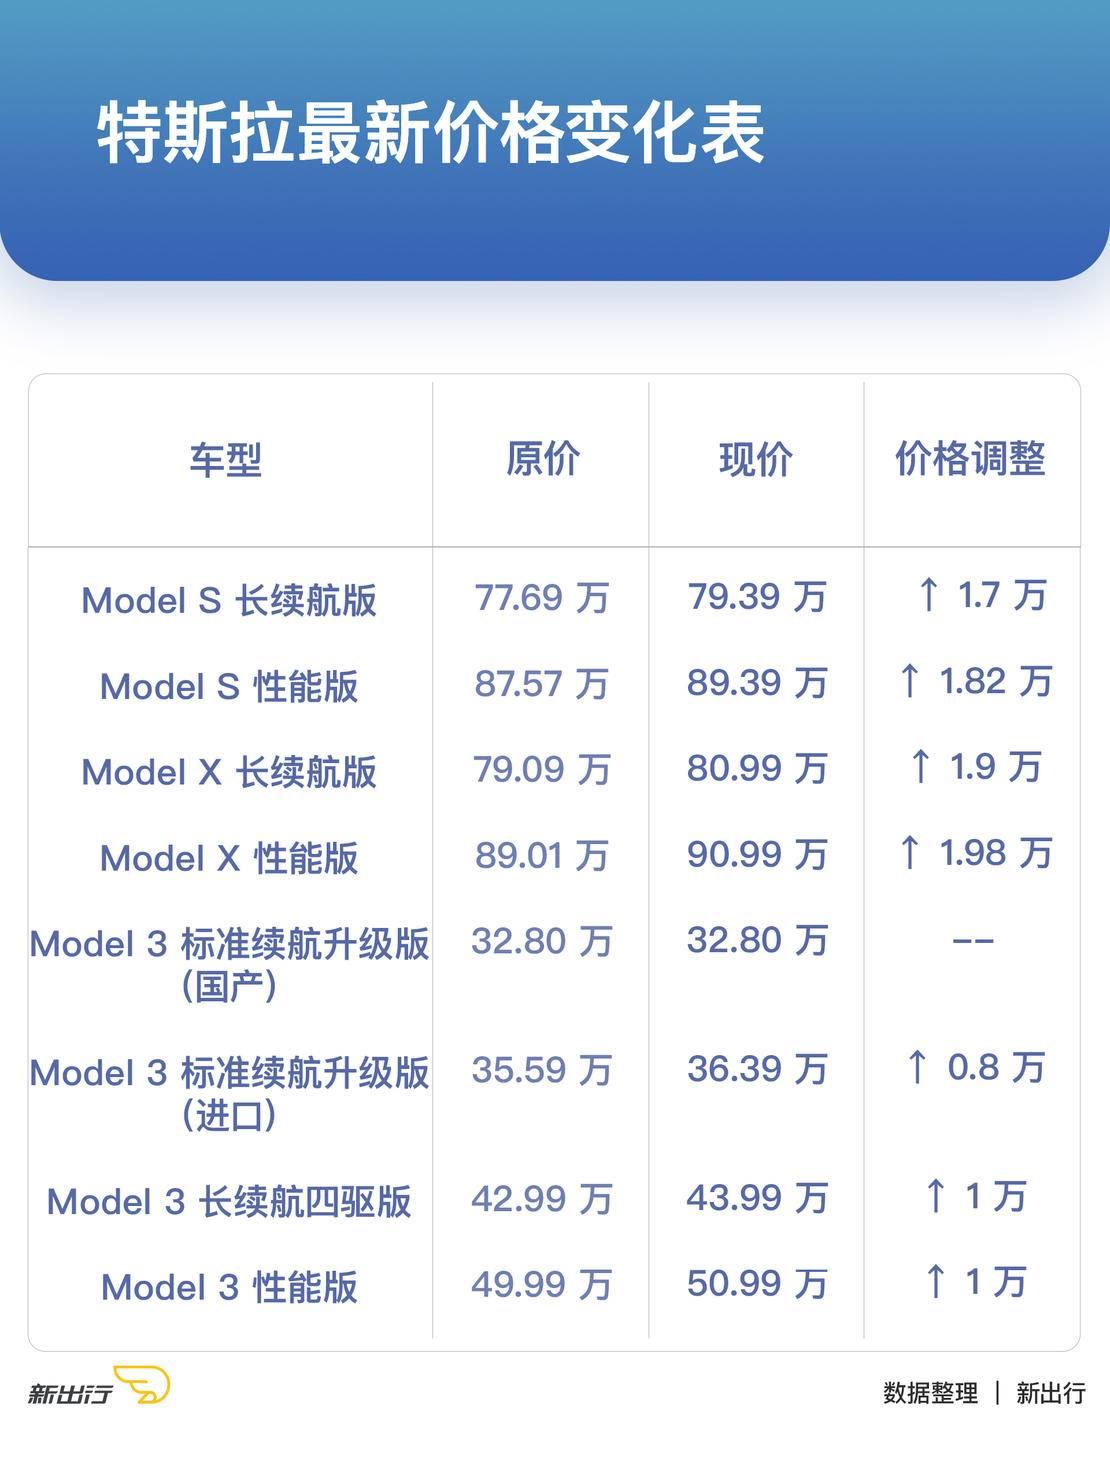 Model 3最高涨价1万元 特斯拉全系车型售价上调